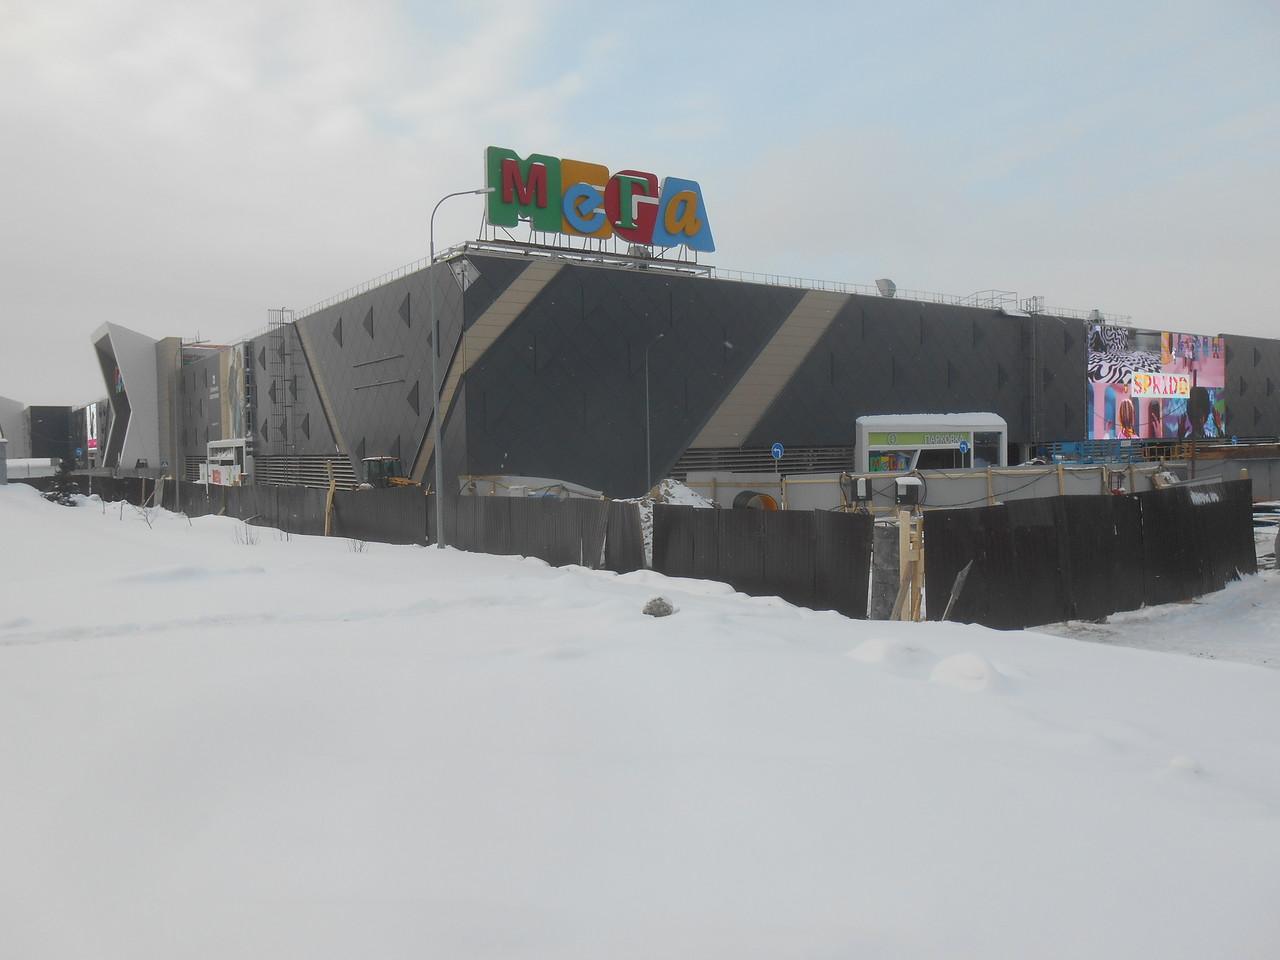 Ваэропорту «Казань» из-за непогоды задержаны 6 авиарейсов